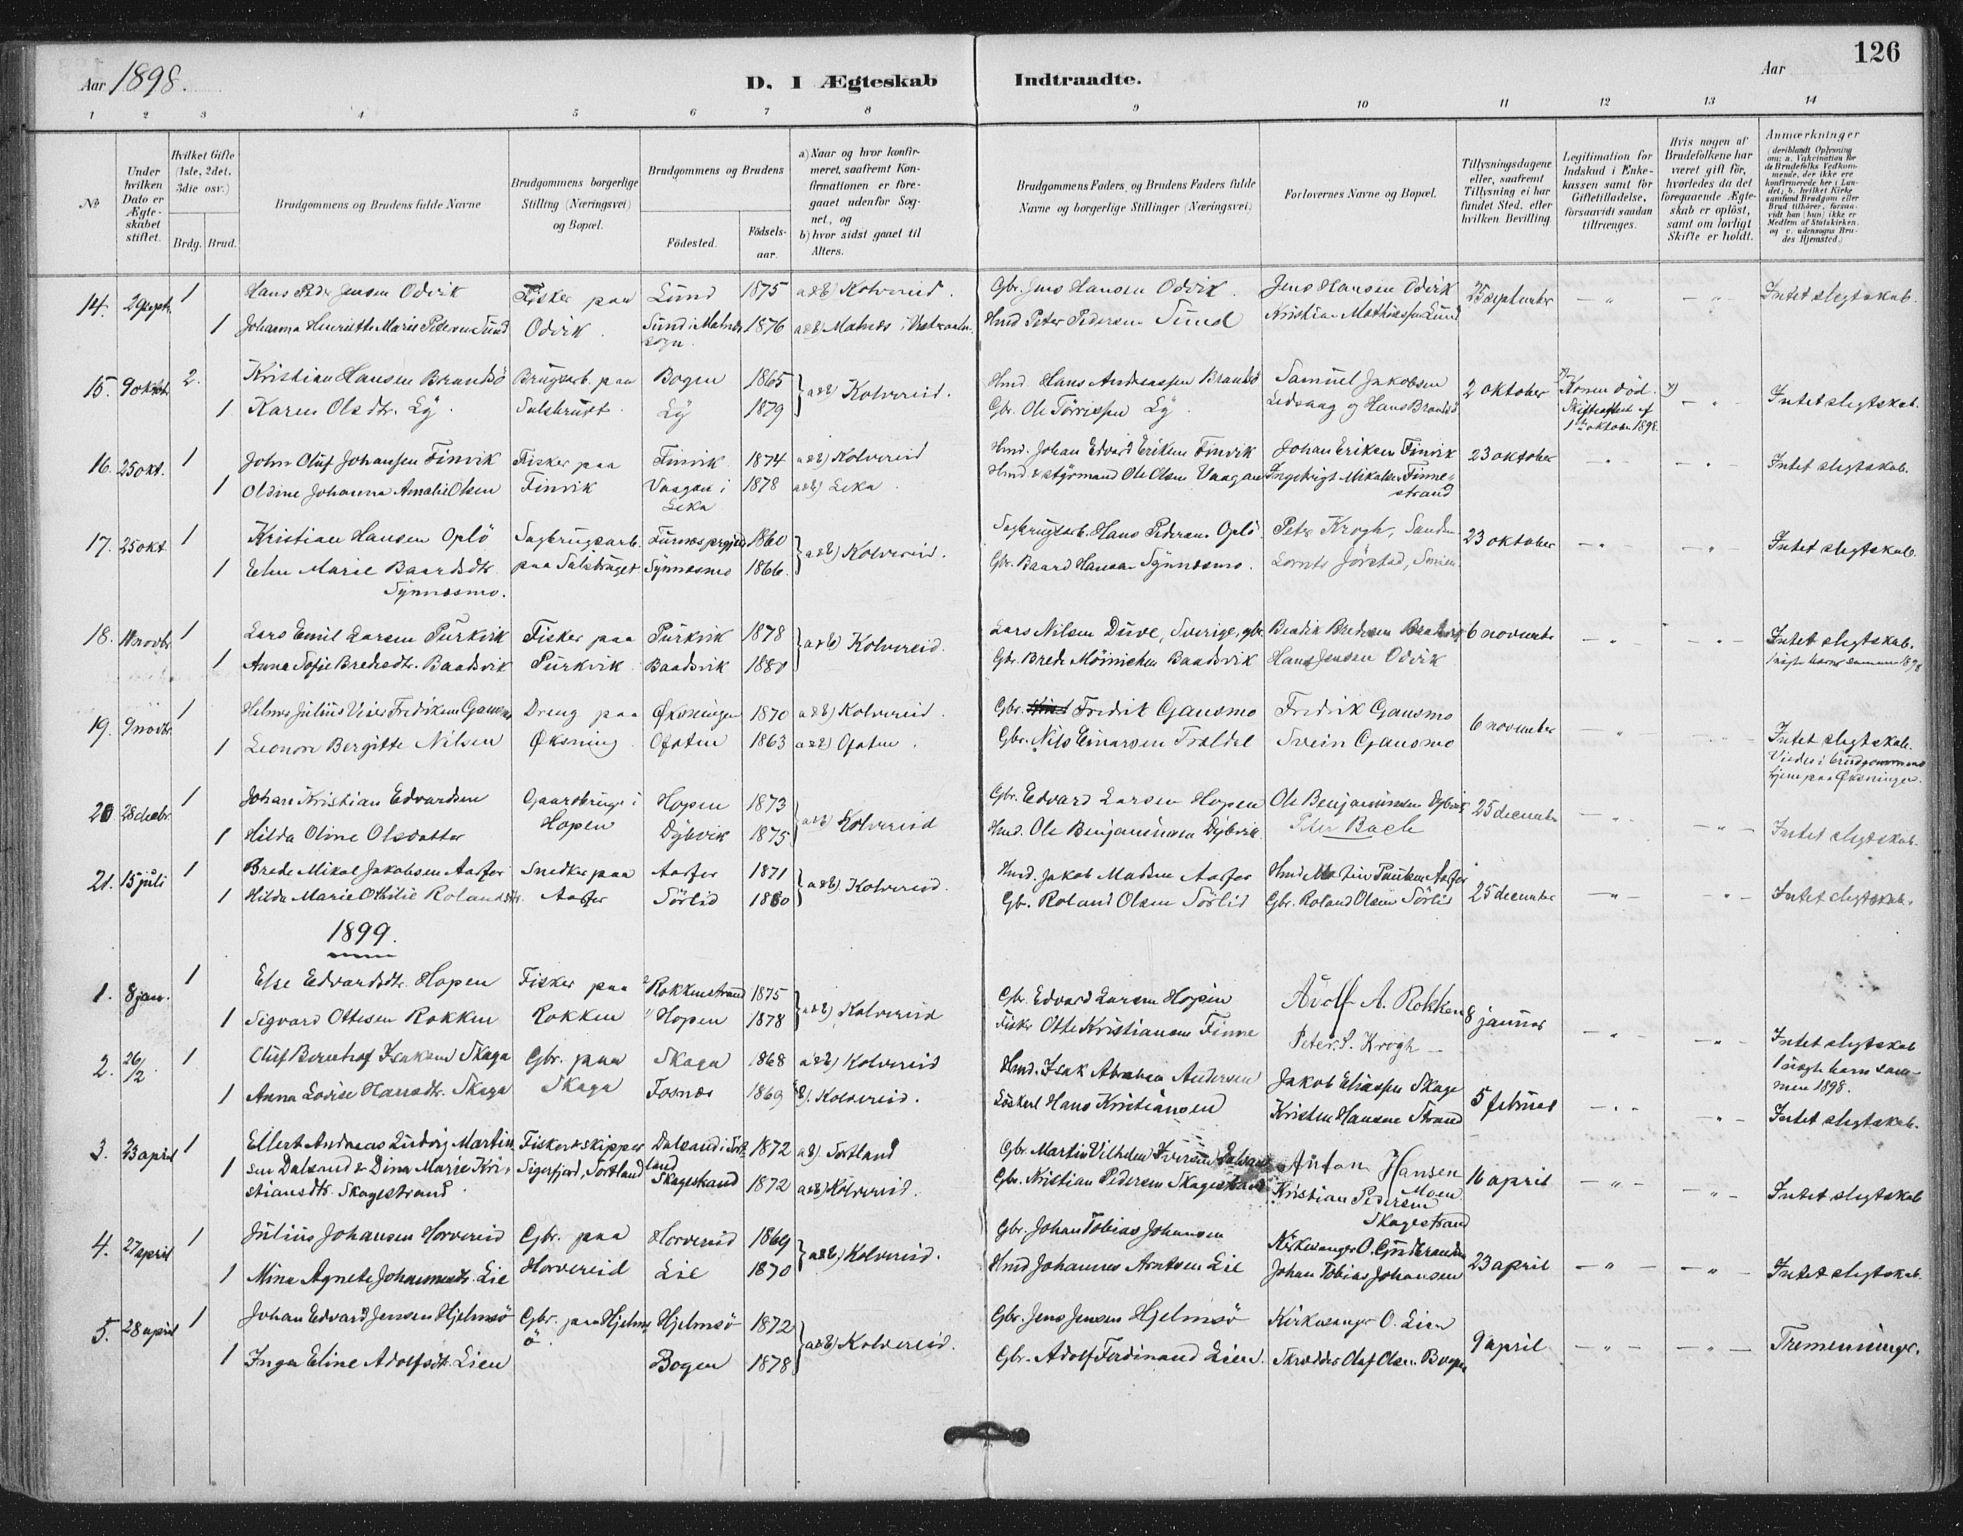 SAT, Ministerialprotokoller, klokkerbøker og fødselsregistre - Nord-Trøndelag, 780/L0644: Ministerialbok nr. 780A08, 1886-1903, s. 126